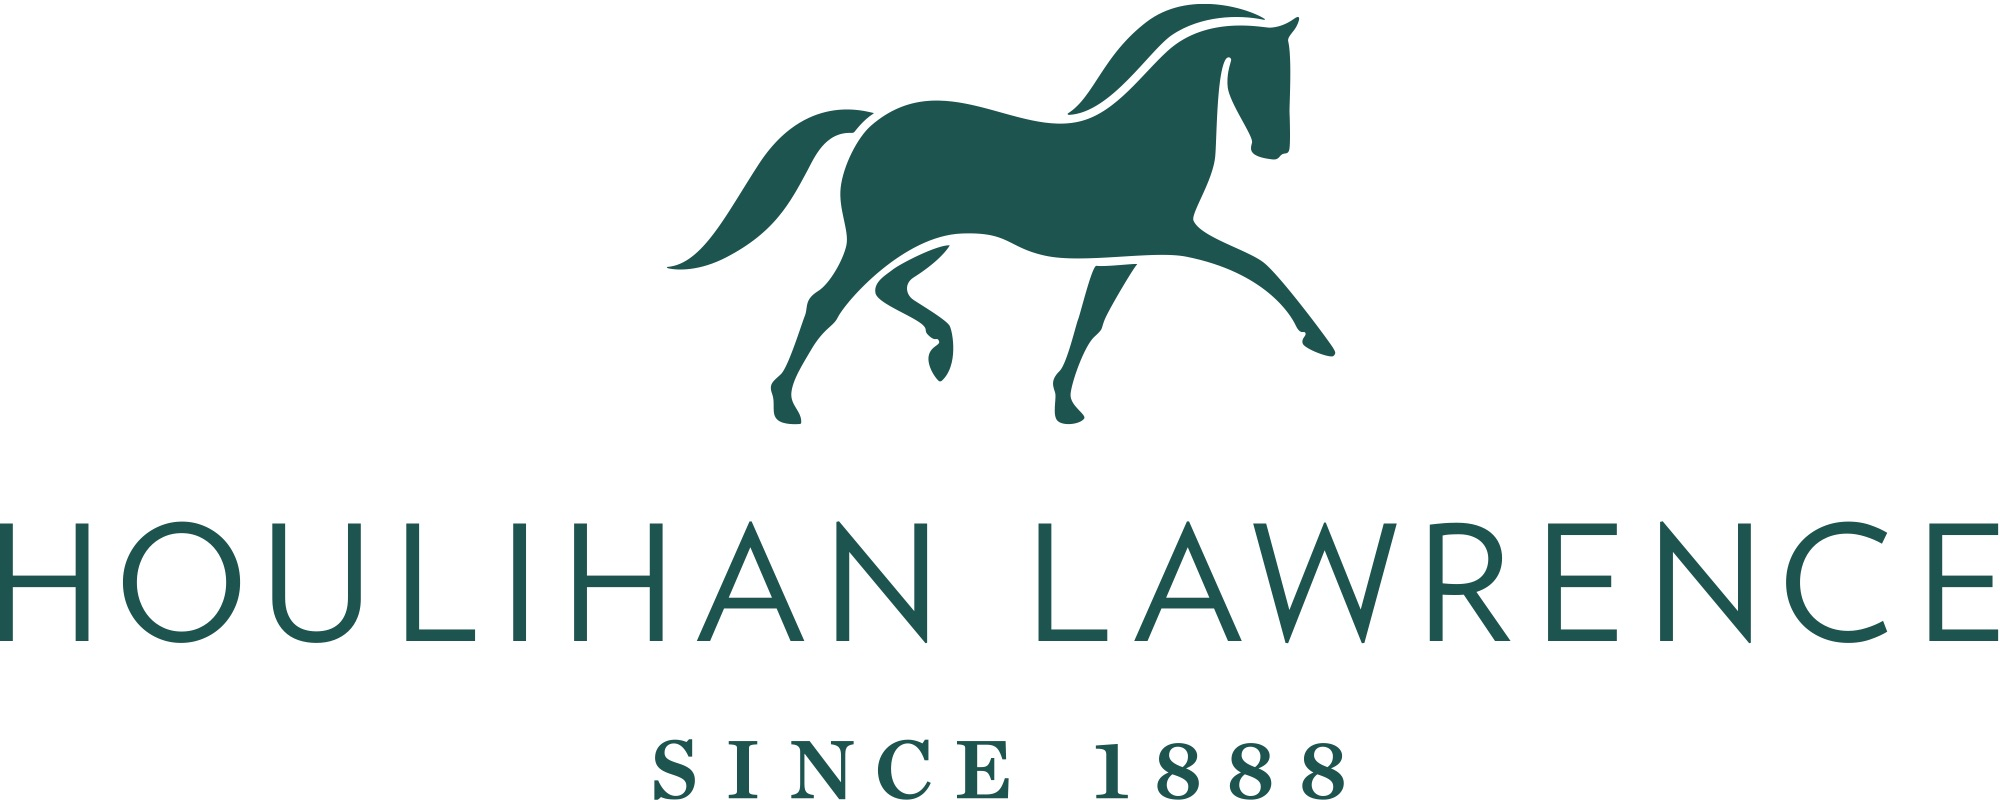 HL_Logo_1888_Green